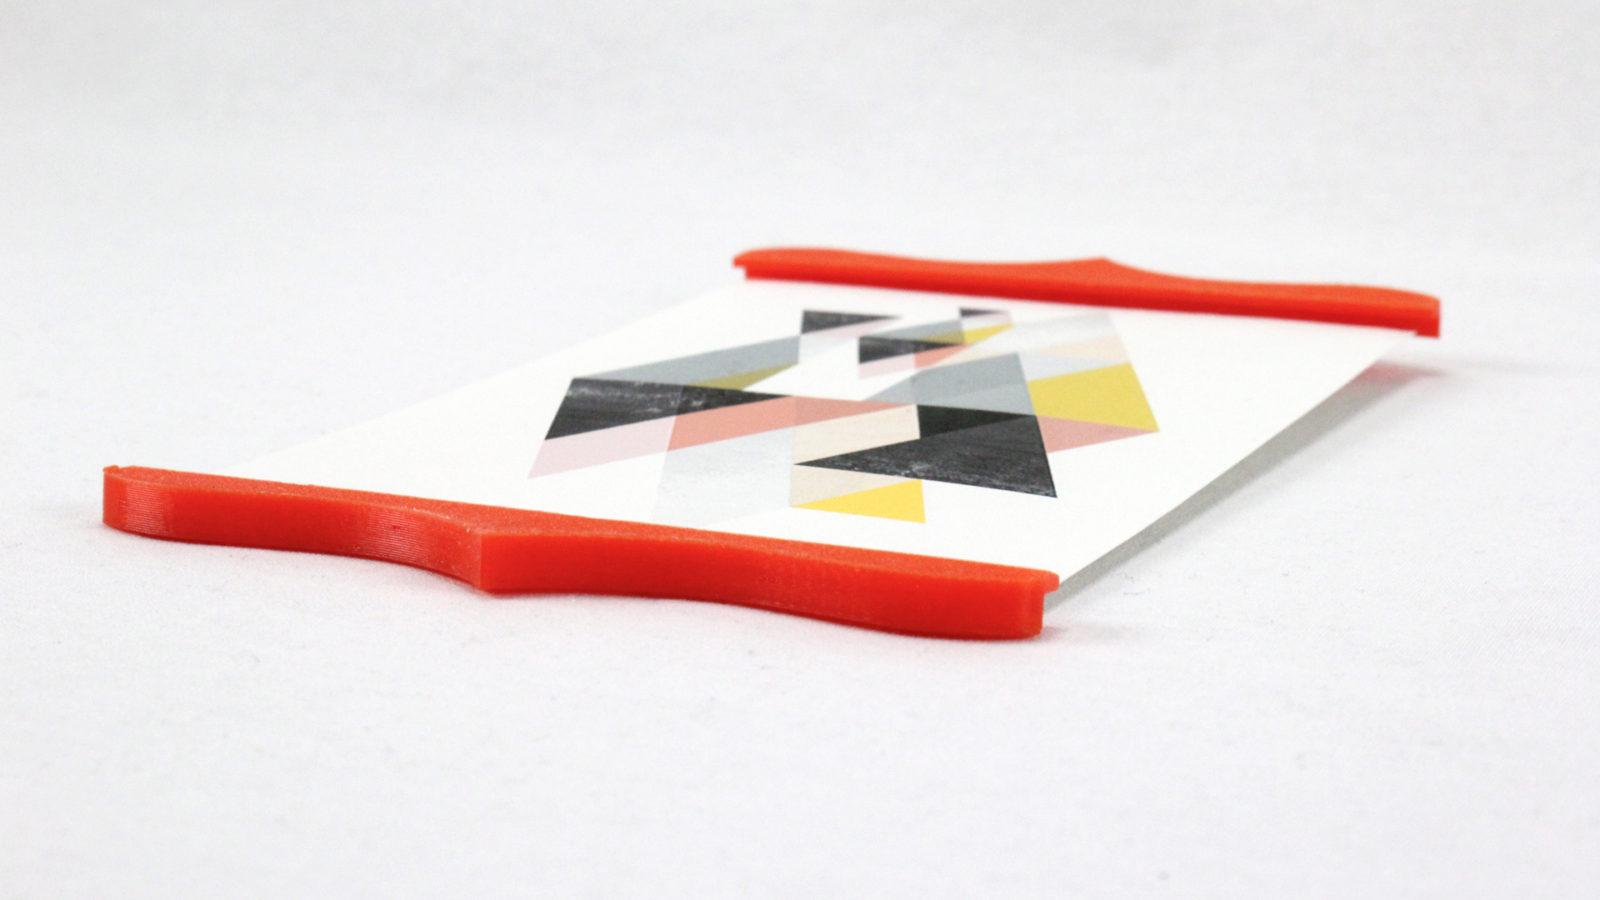 Easy Click Frames - Brignetti Longoni Design Studio - Fotografie, ricordo, virtuale, digitale, analogico, stampa, progetto, stampa 3D, cornici, decorativo, foto, parete, decoro, colori, design, prodotto, classico, moderno, produzione, finitura, autoproduzione.